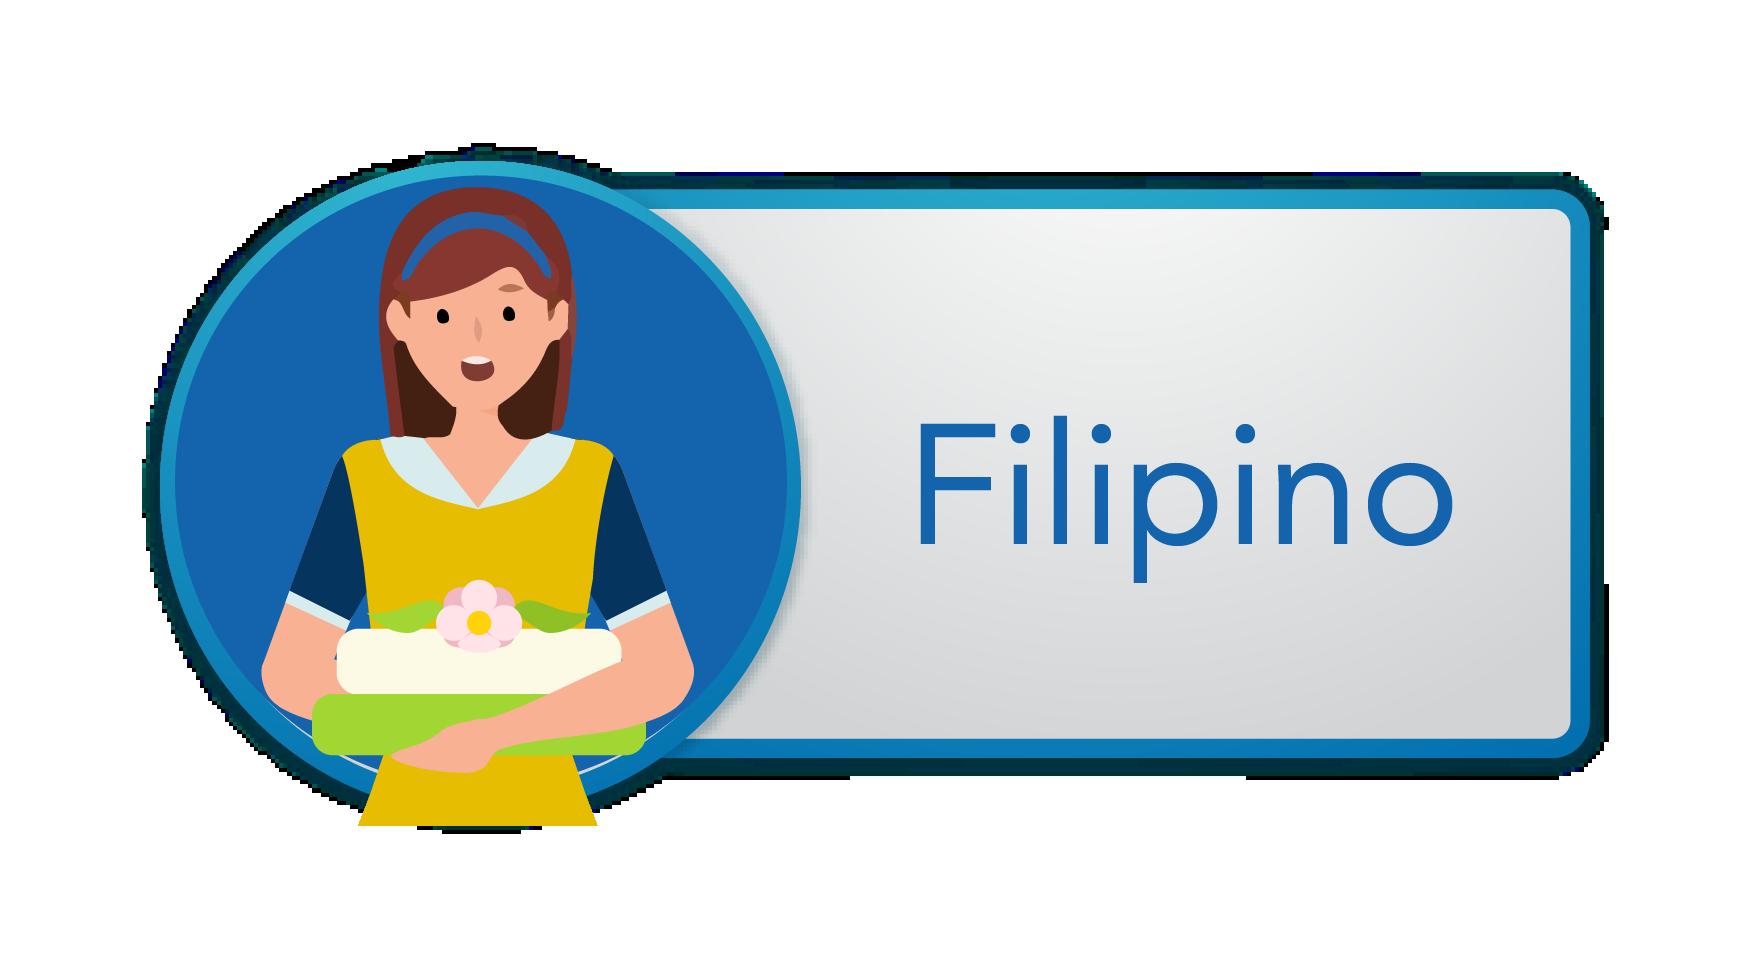 express_maid_filipino_maidv